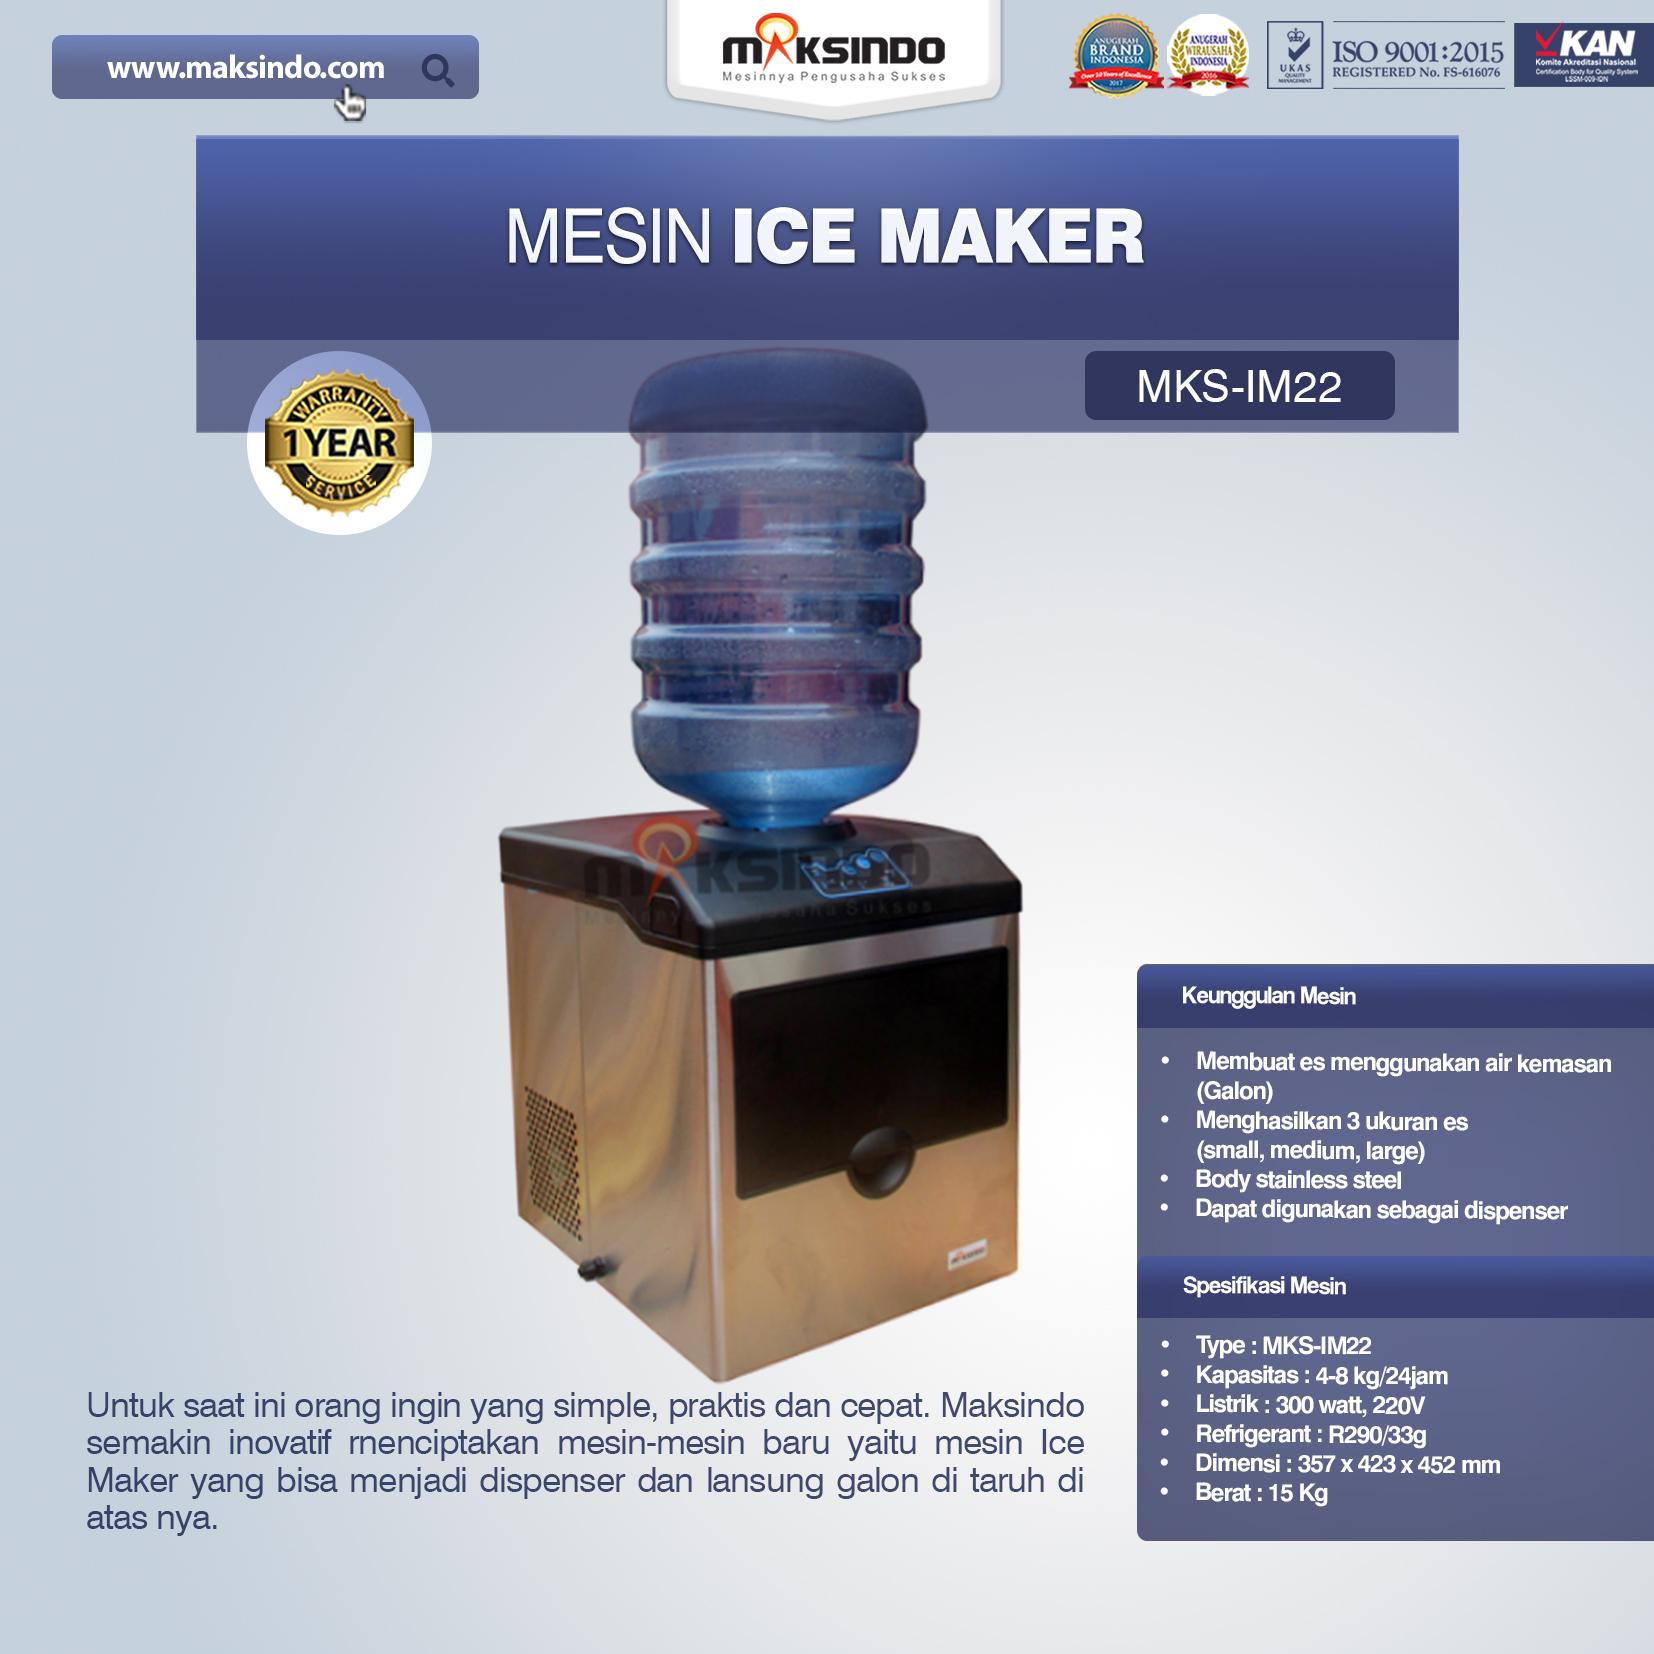 Jual Mesin Ice Maker MKS-IM22 di Mataram